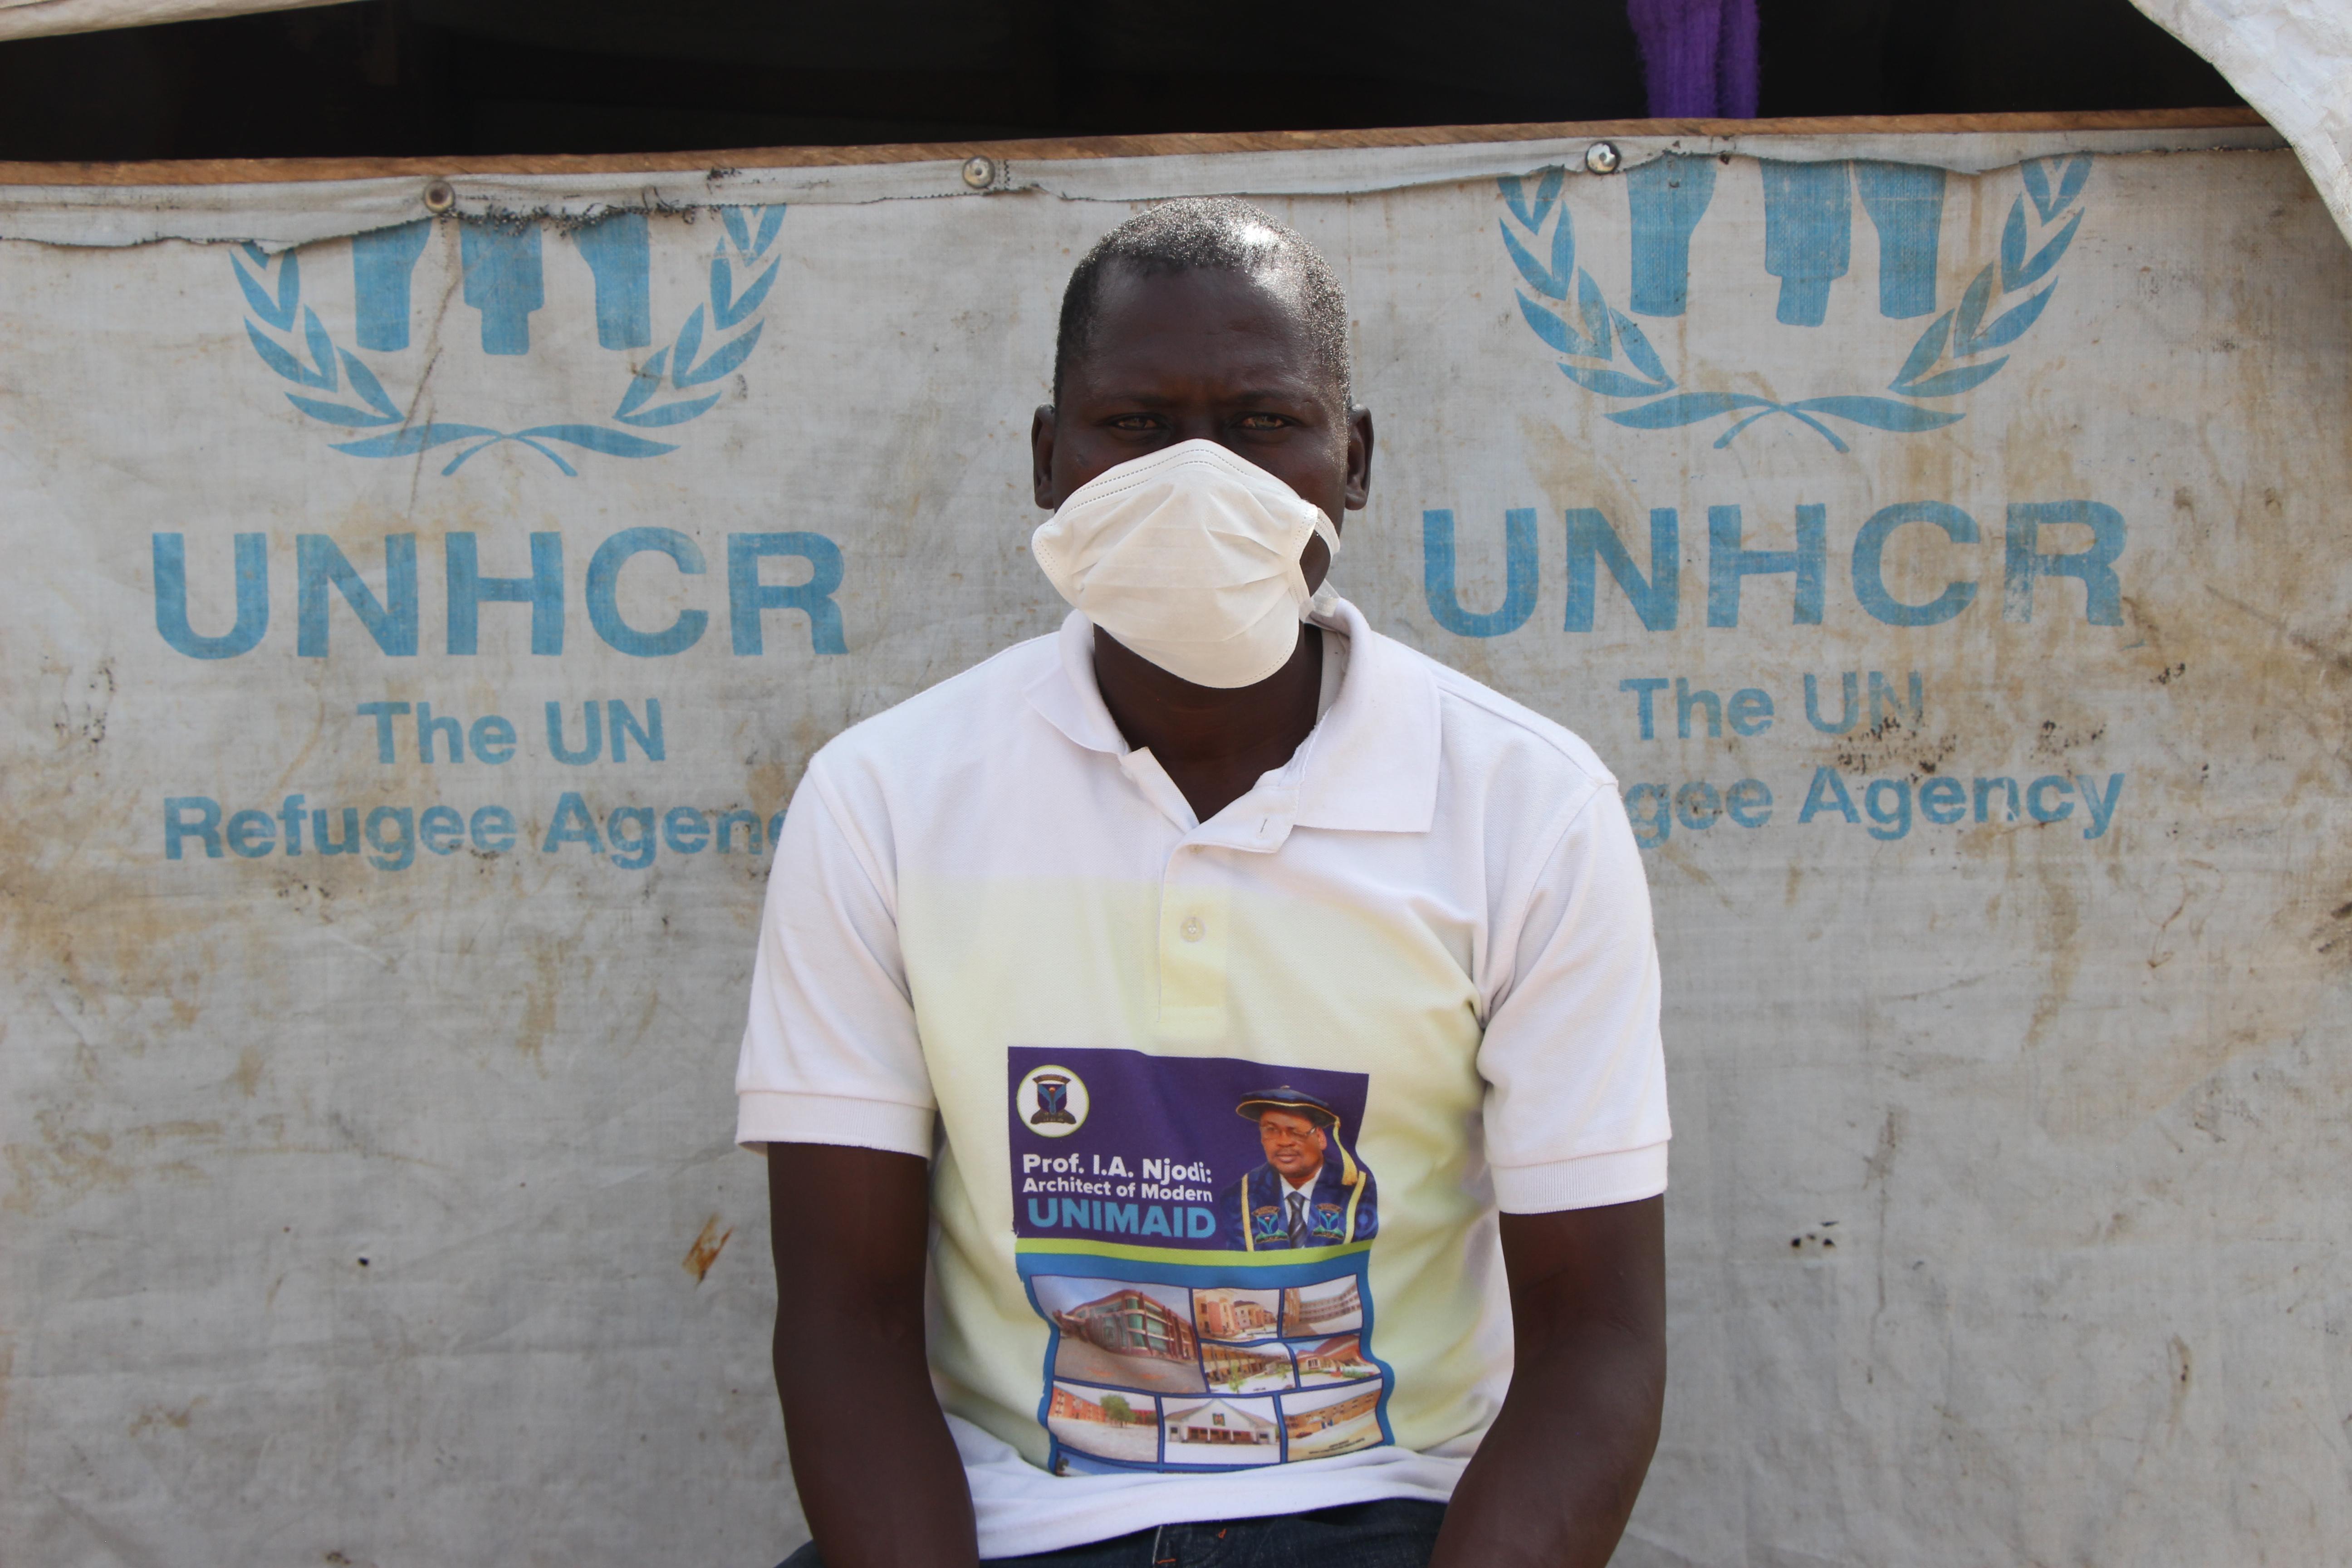 Corona virus : au Cameroun, le HCR se prépare à faire face au « feu de brousse » dans les camps de réfugiés